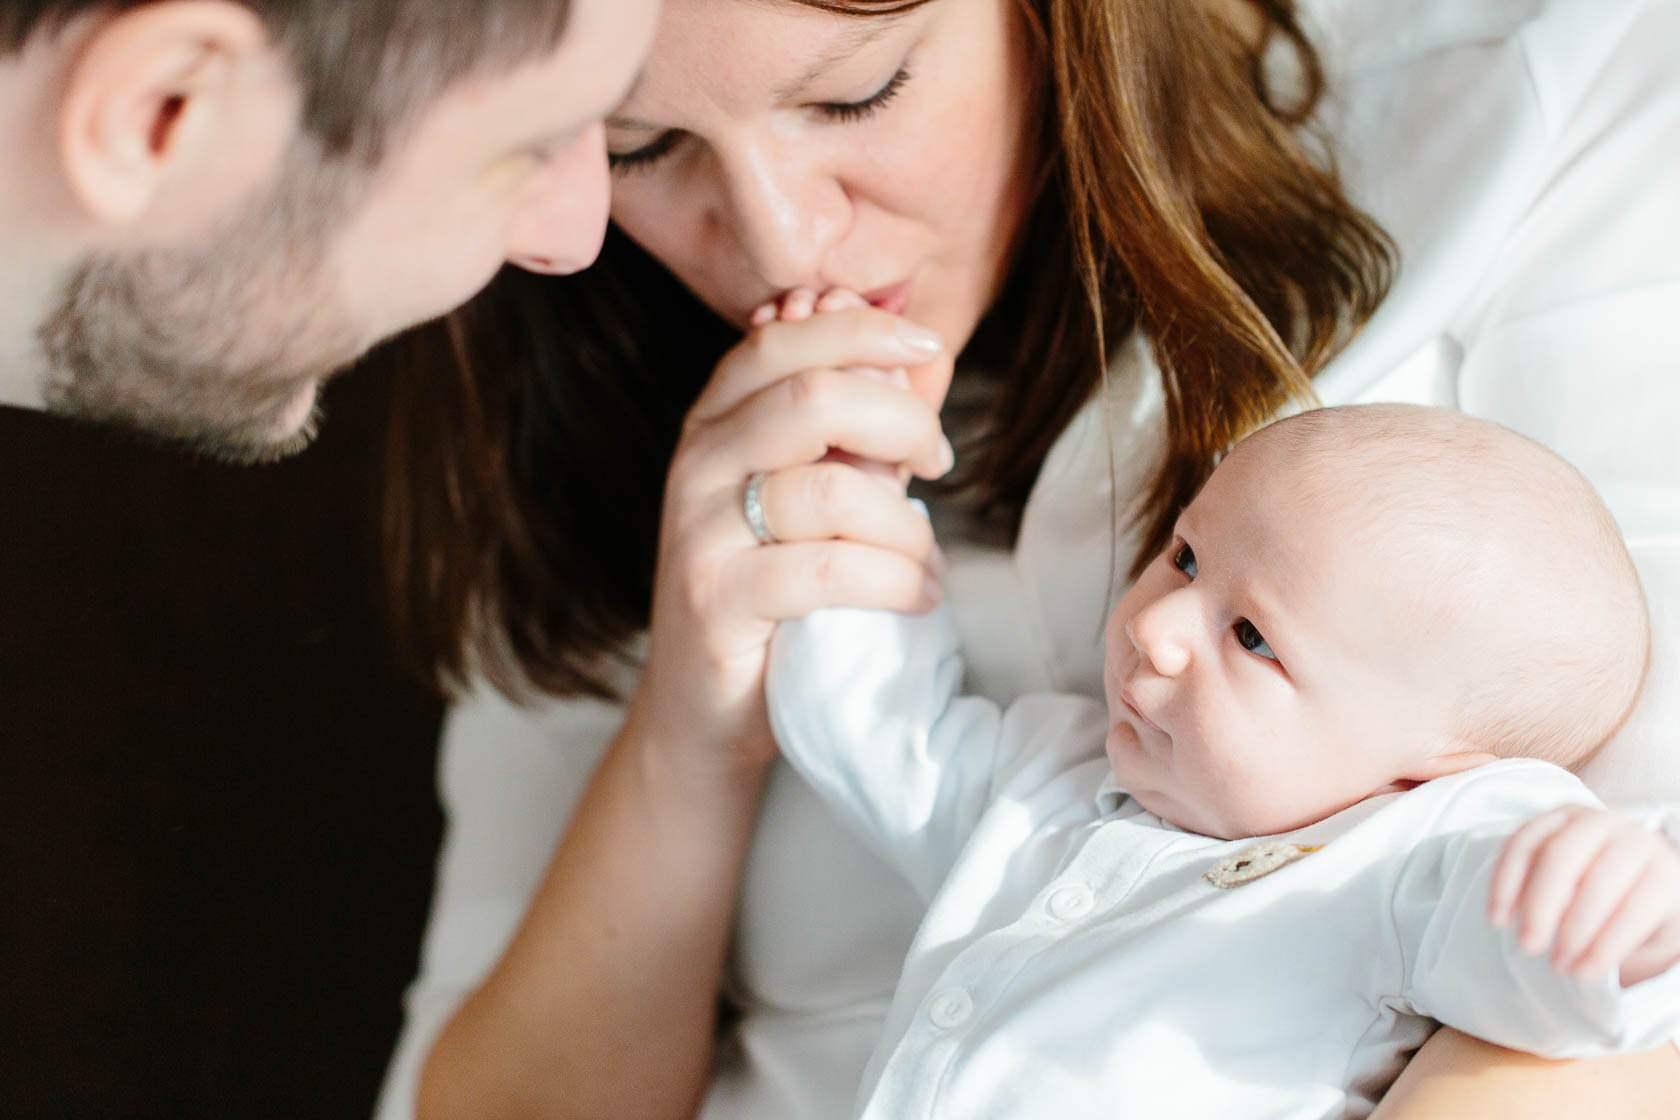 Entspannte Familienfotos zu Hause. Natürliche Familienfotos. Natzürliche Neugeborenen Fotos